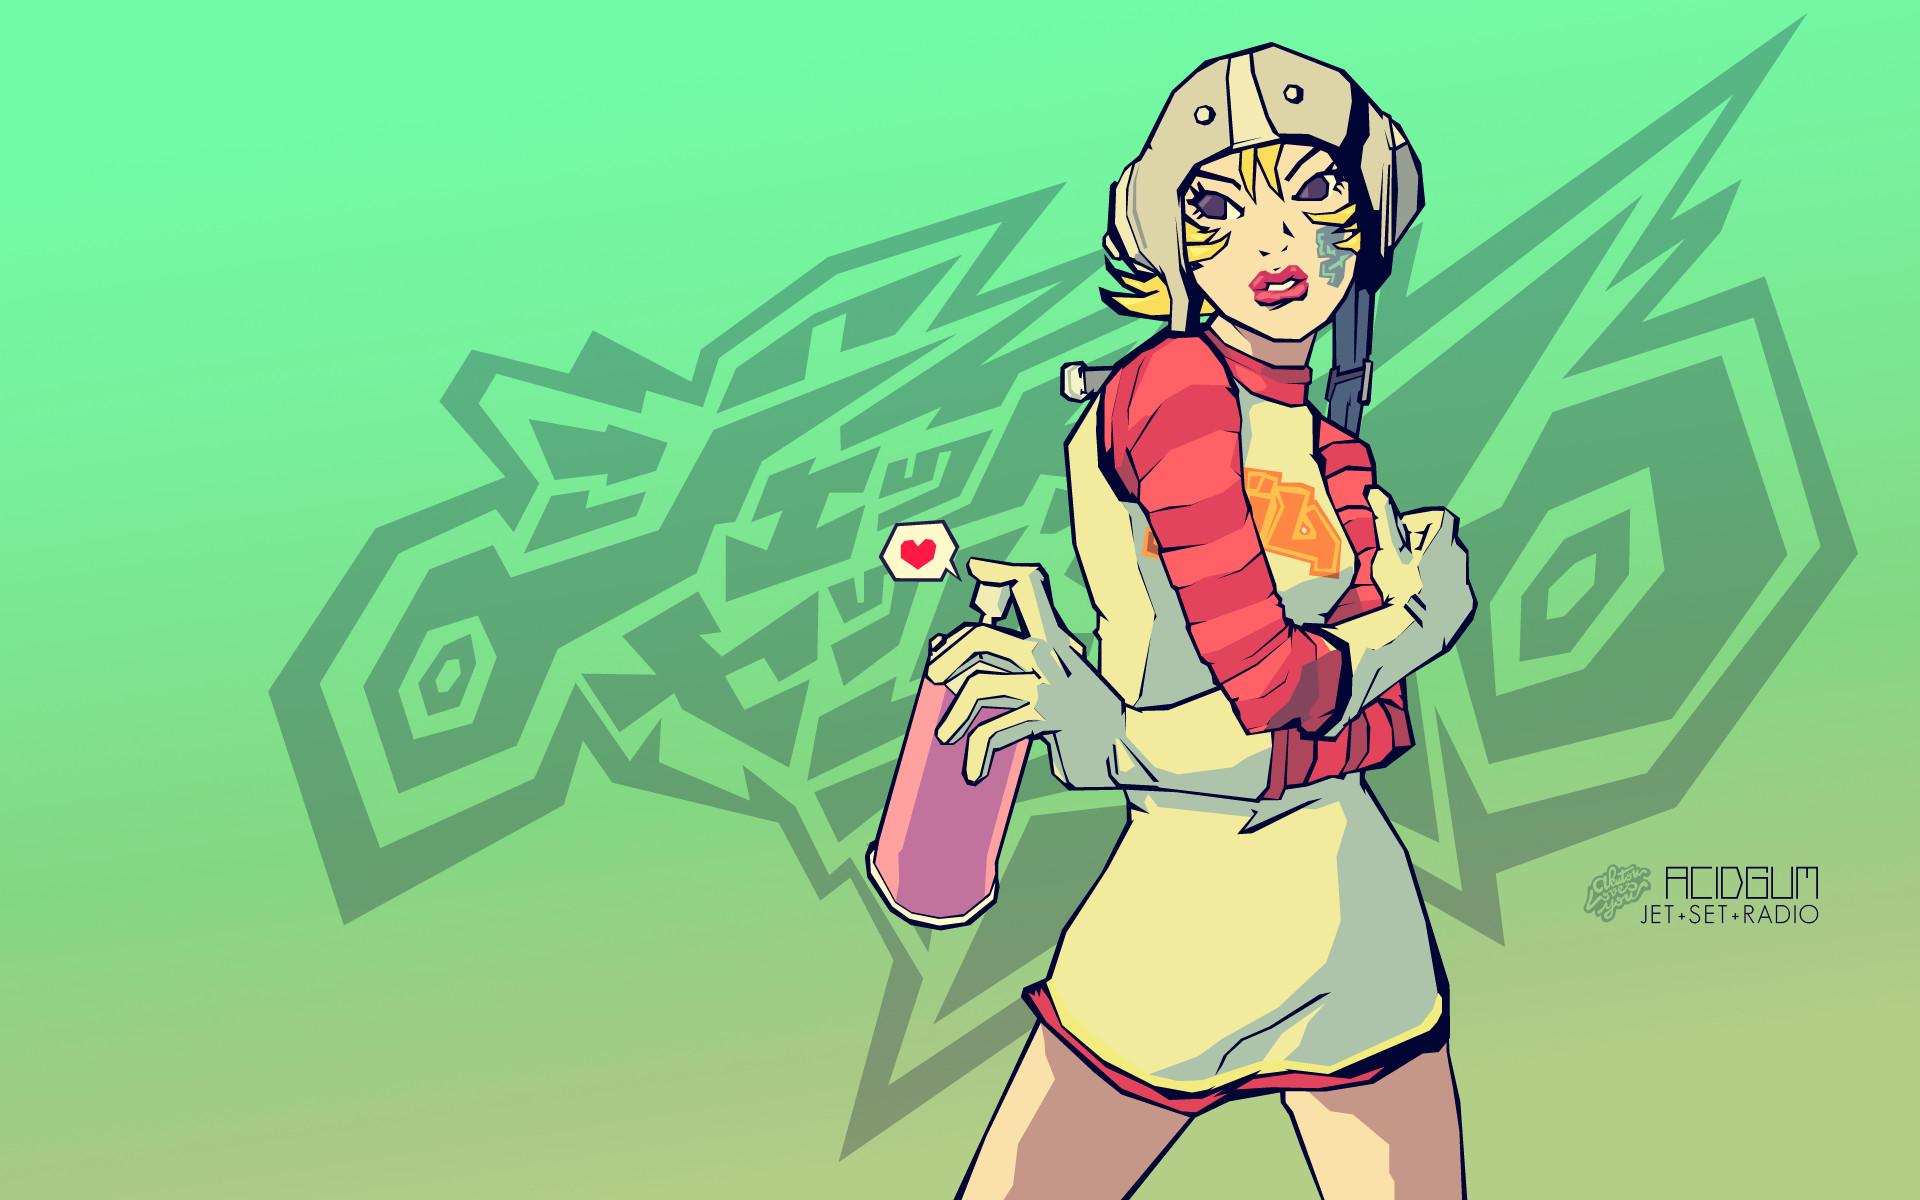 Video Game – Jet Set Radio Gum (Jet Set Radio) Wallpaper